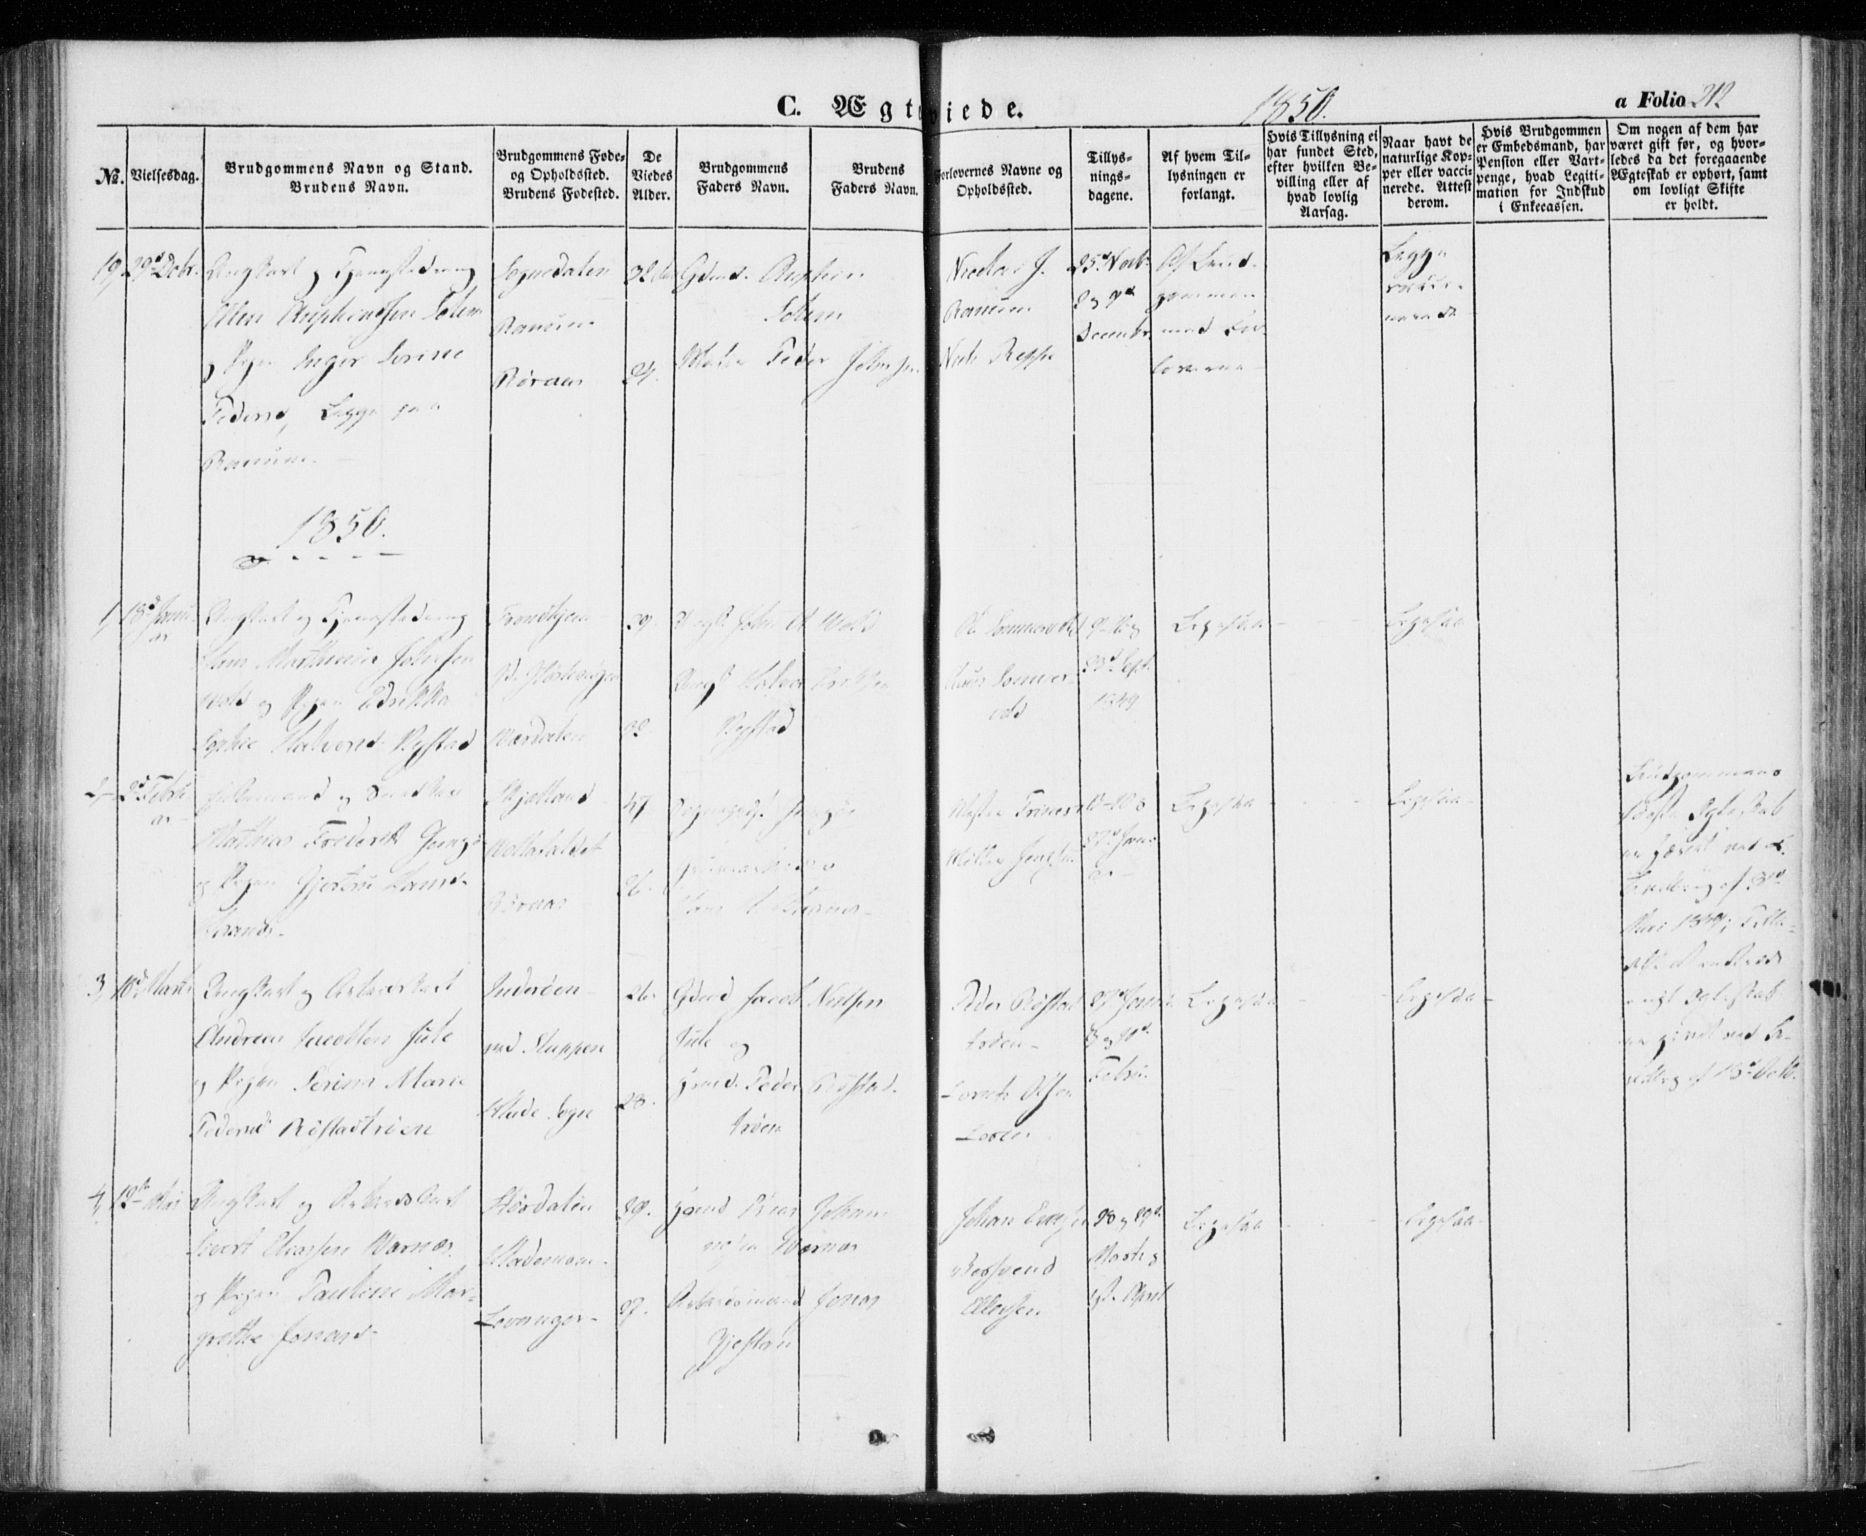 SAT, Ministerialprotokoller, klokkerbøker og fødselsregistre - Sør-Trøndelag, 606/L0291: Ministerialbok nr. 606A06, 1848-1856, s. 212